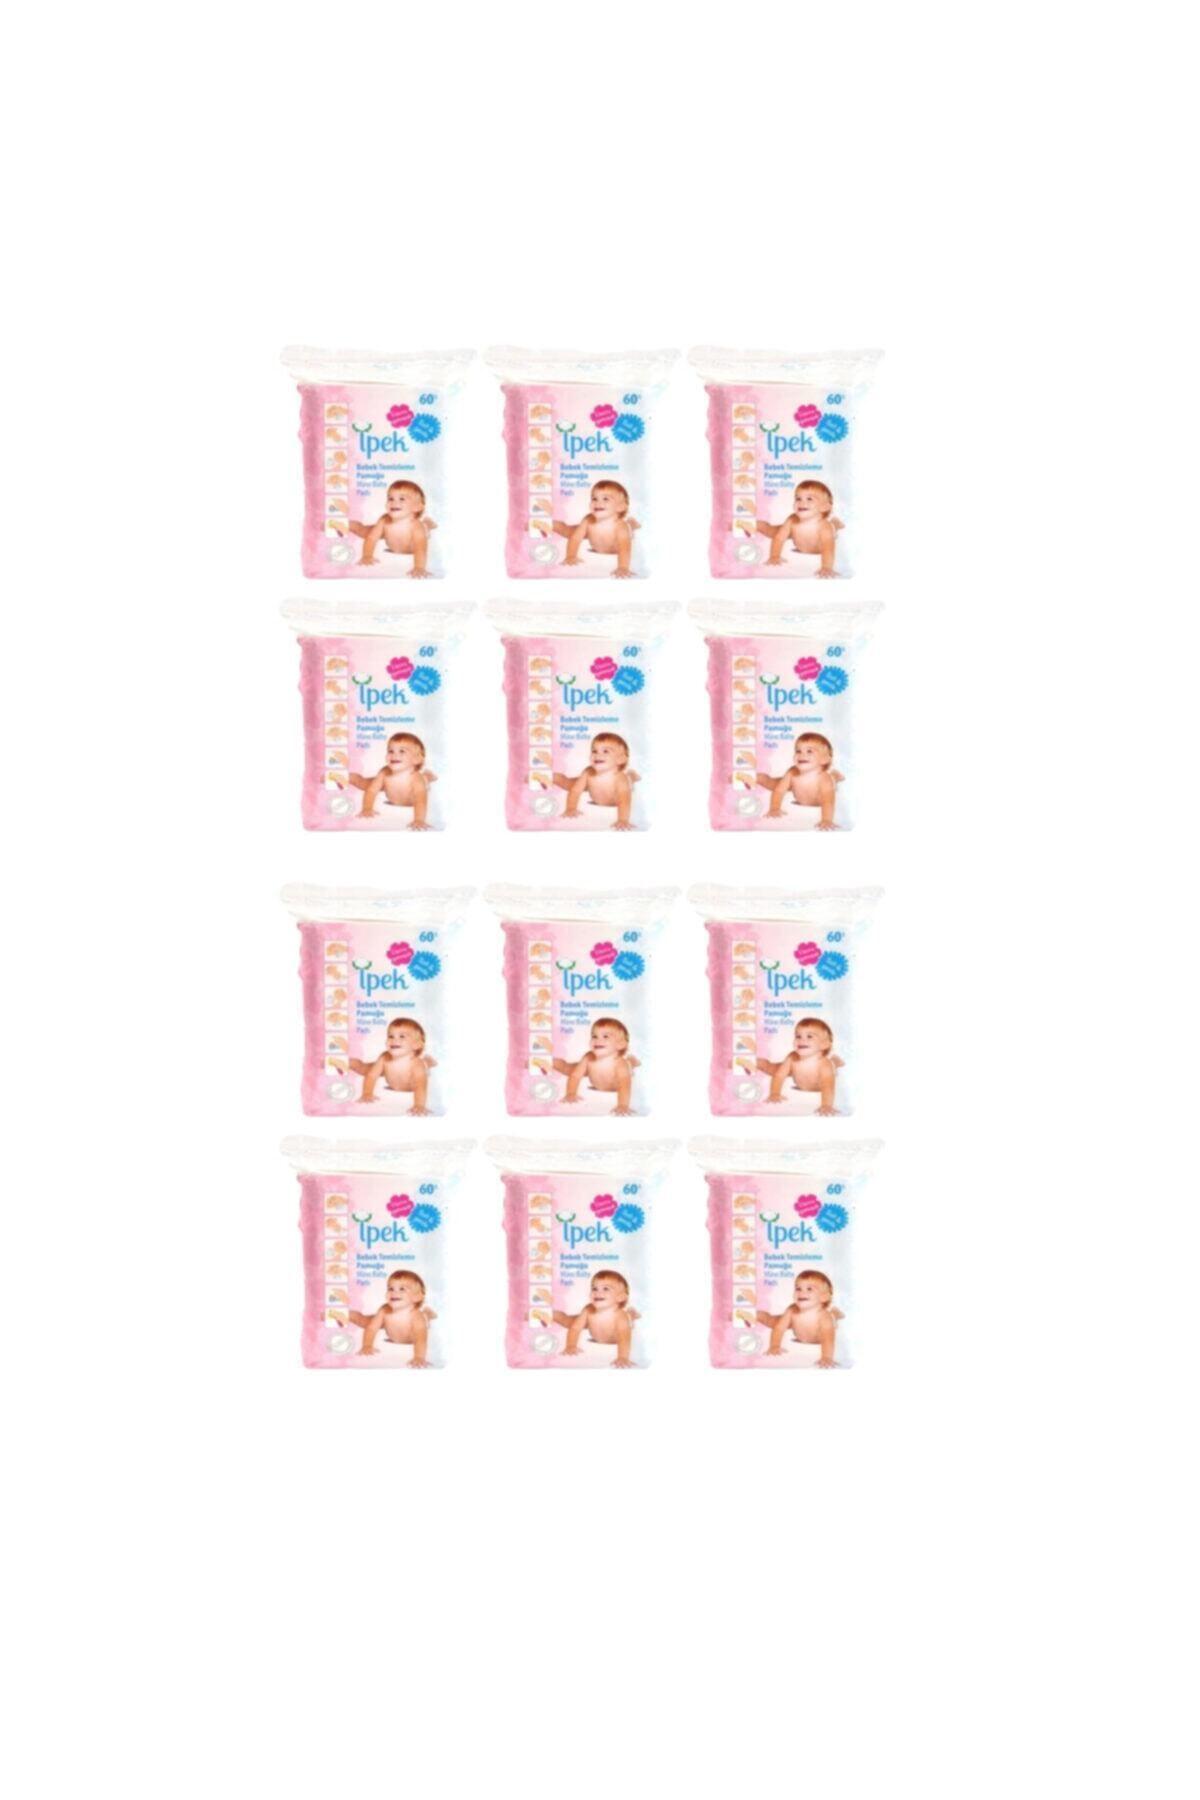 İpek Bebek Temizleme Pamuğu 60 Lı 12 Paket 720 Kullanım 1